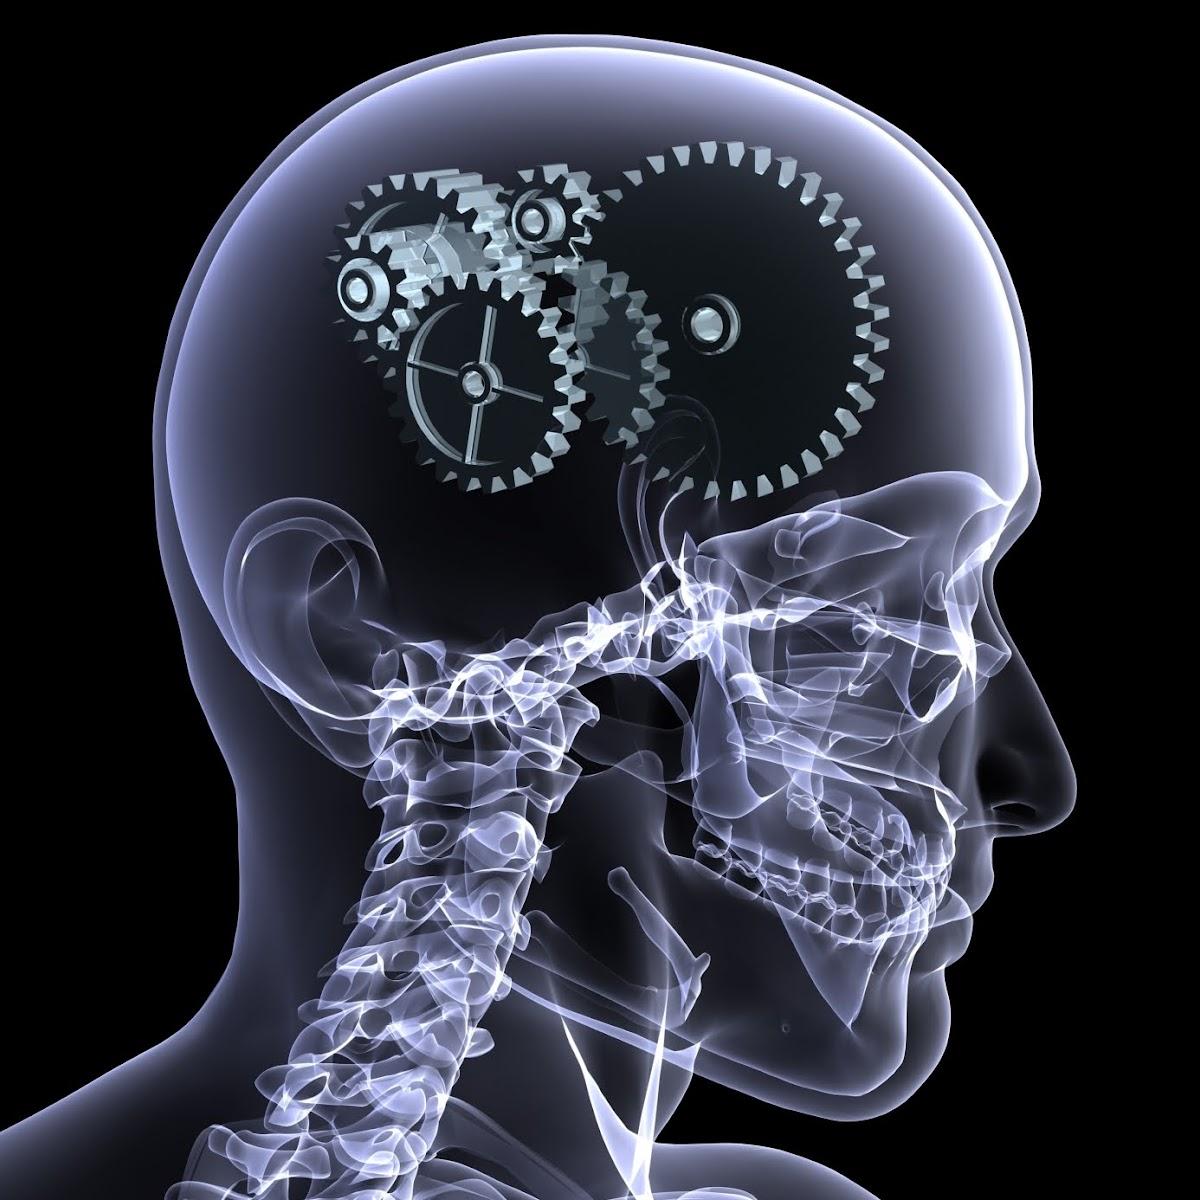 Как стимулировать работу мозга, Интеллектуальные возможности, Активизировать работу мозга, Стимулировать умственную активность